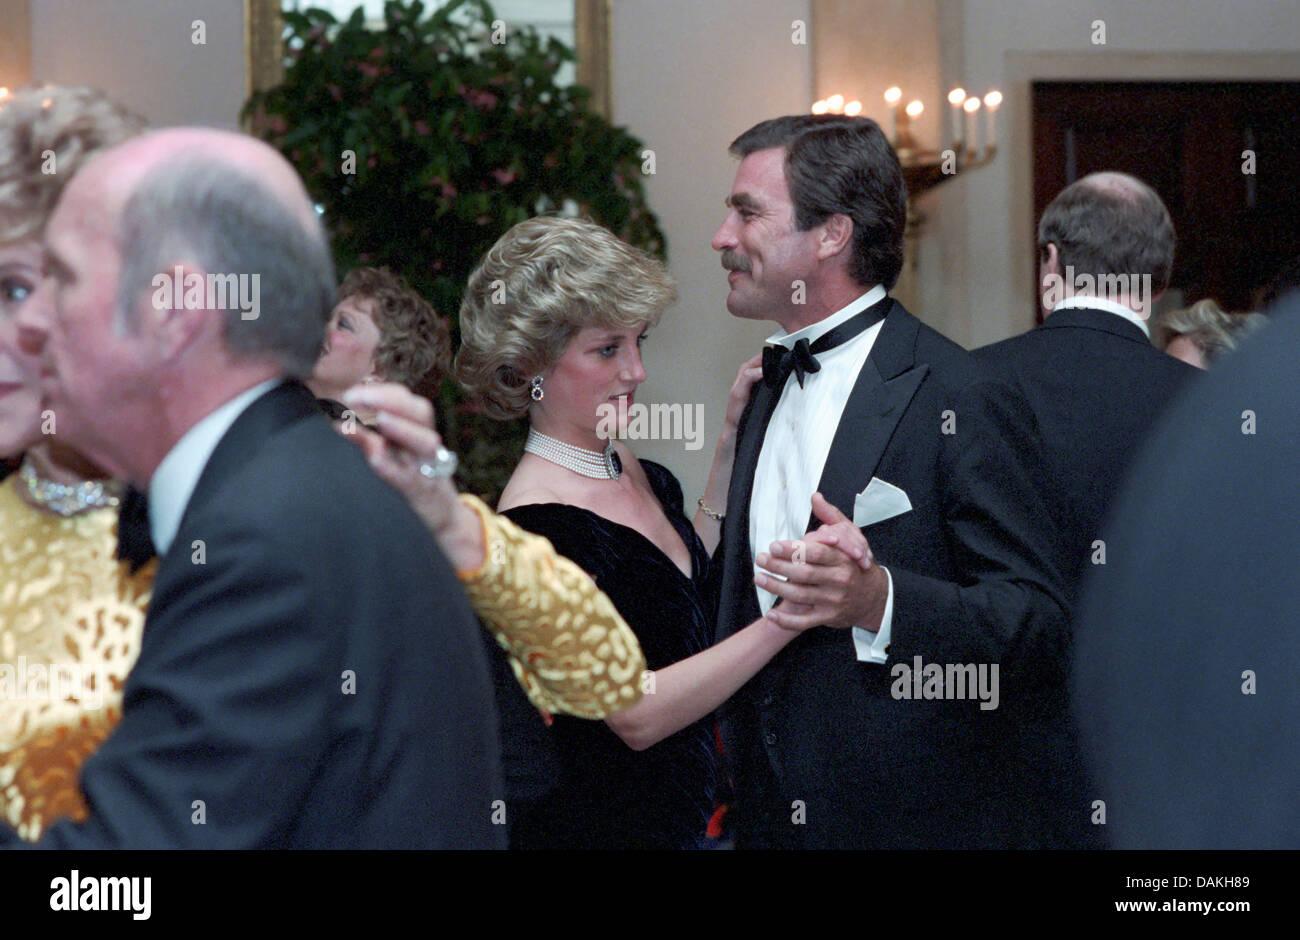 Diana, Princess of Wales Tänze mit dem Schauspieler Tom Selleck beim White House Gala Dinner 9. November 1985 in Washington, DC. Stockfoto